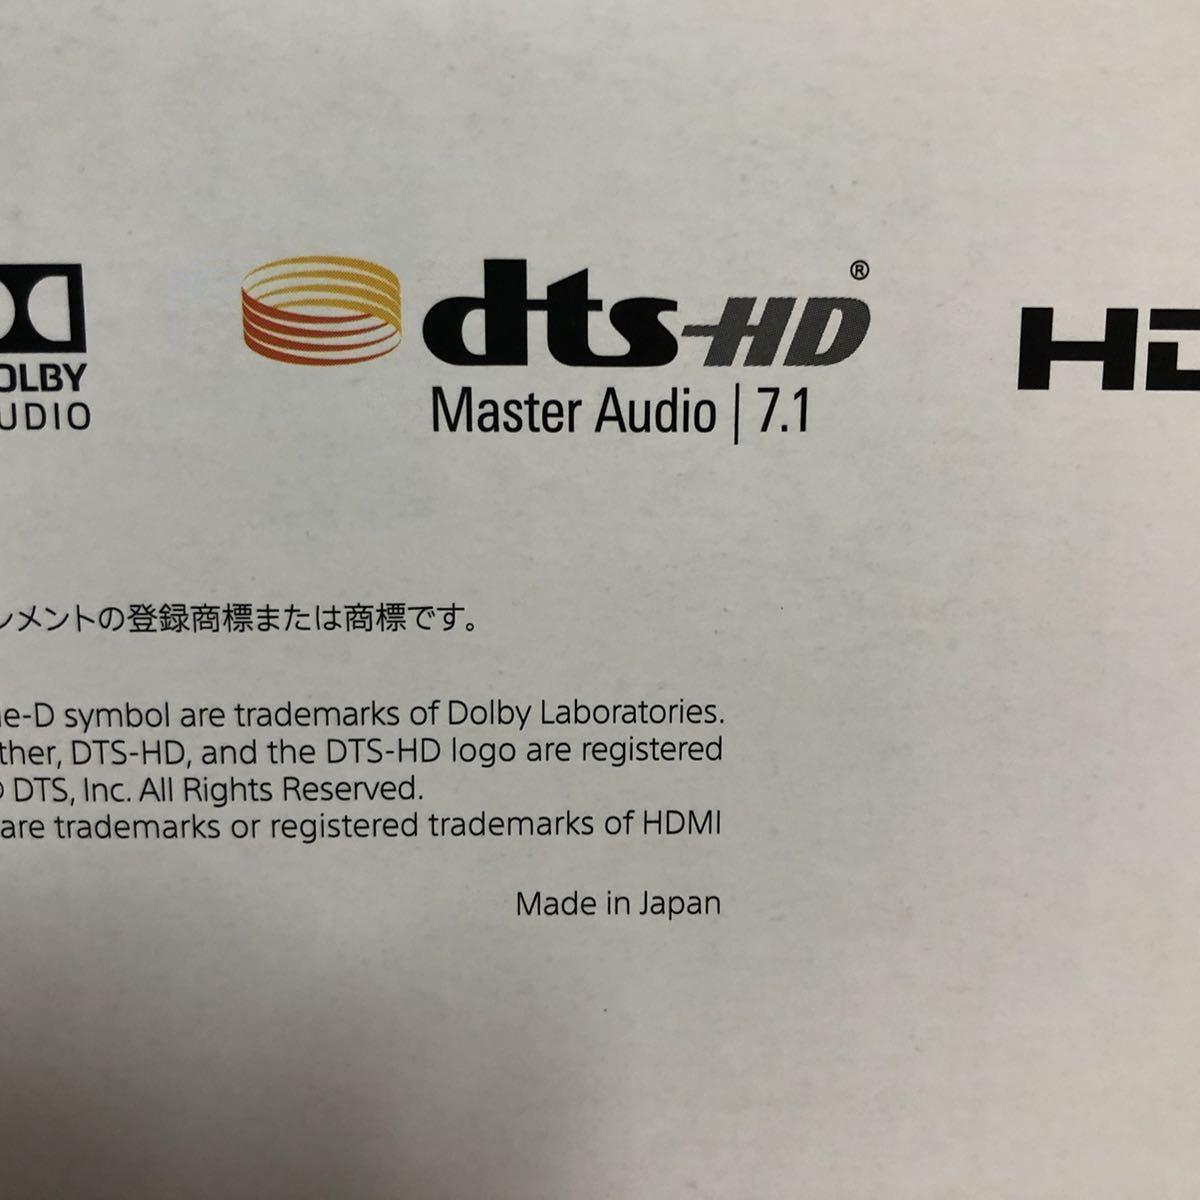 PS5;PlayStation5(プレイステーション5)本体 領収書付き 通常版 CFI-1000A01 ディスクドライブ搭載モデル_画像4